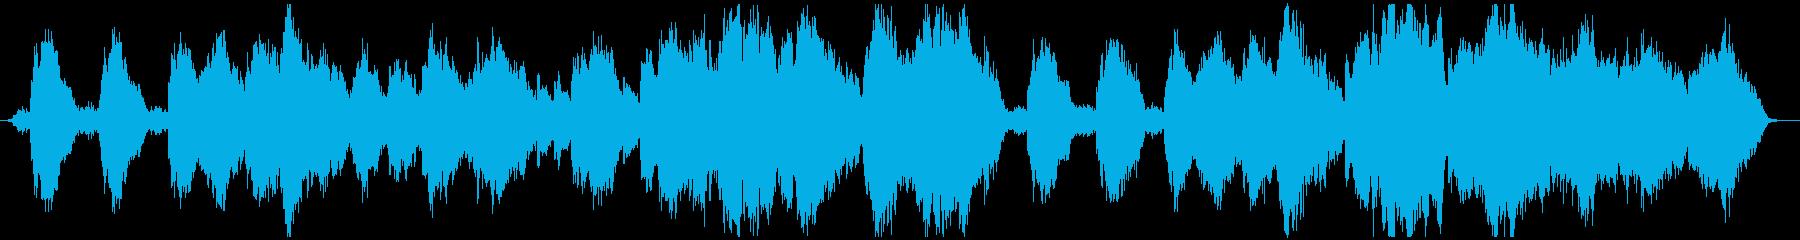 映画風感動のエンディングストリングスの再生済みの波形